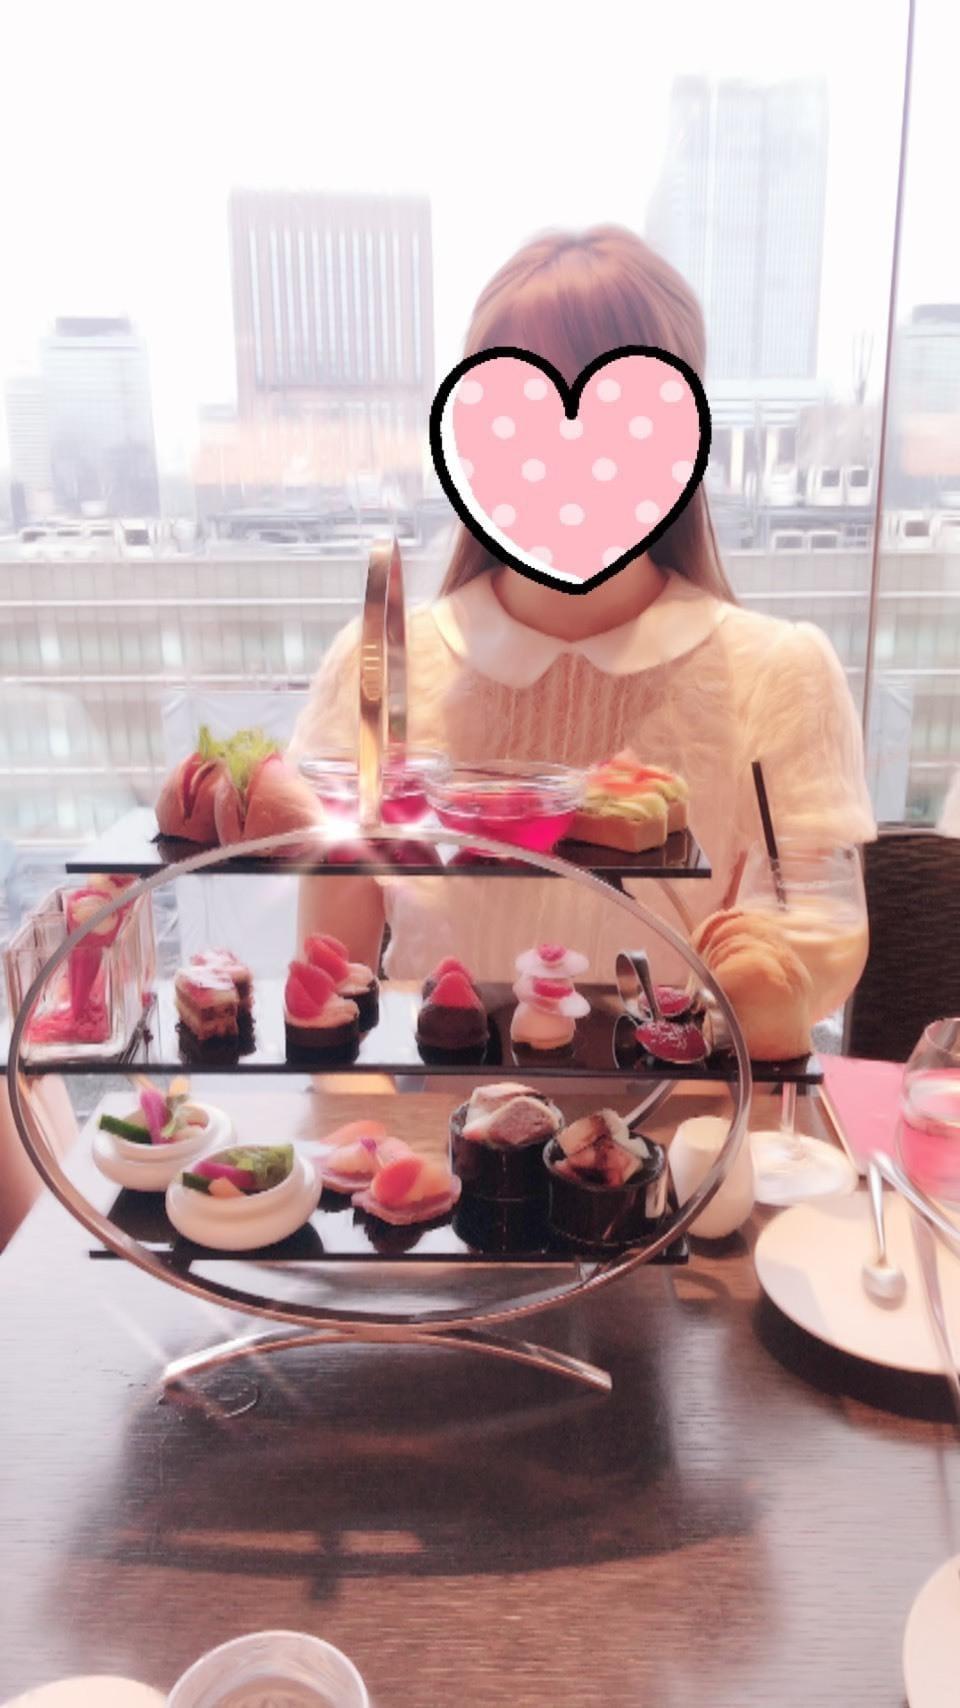 「新橋のOさんありがとう☆」06/06日(土) 23:20 | せれなの写メ・風俗動画